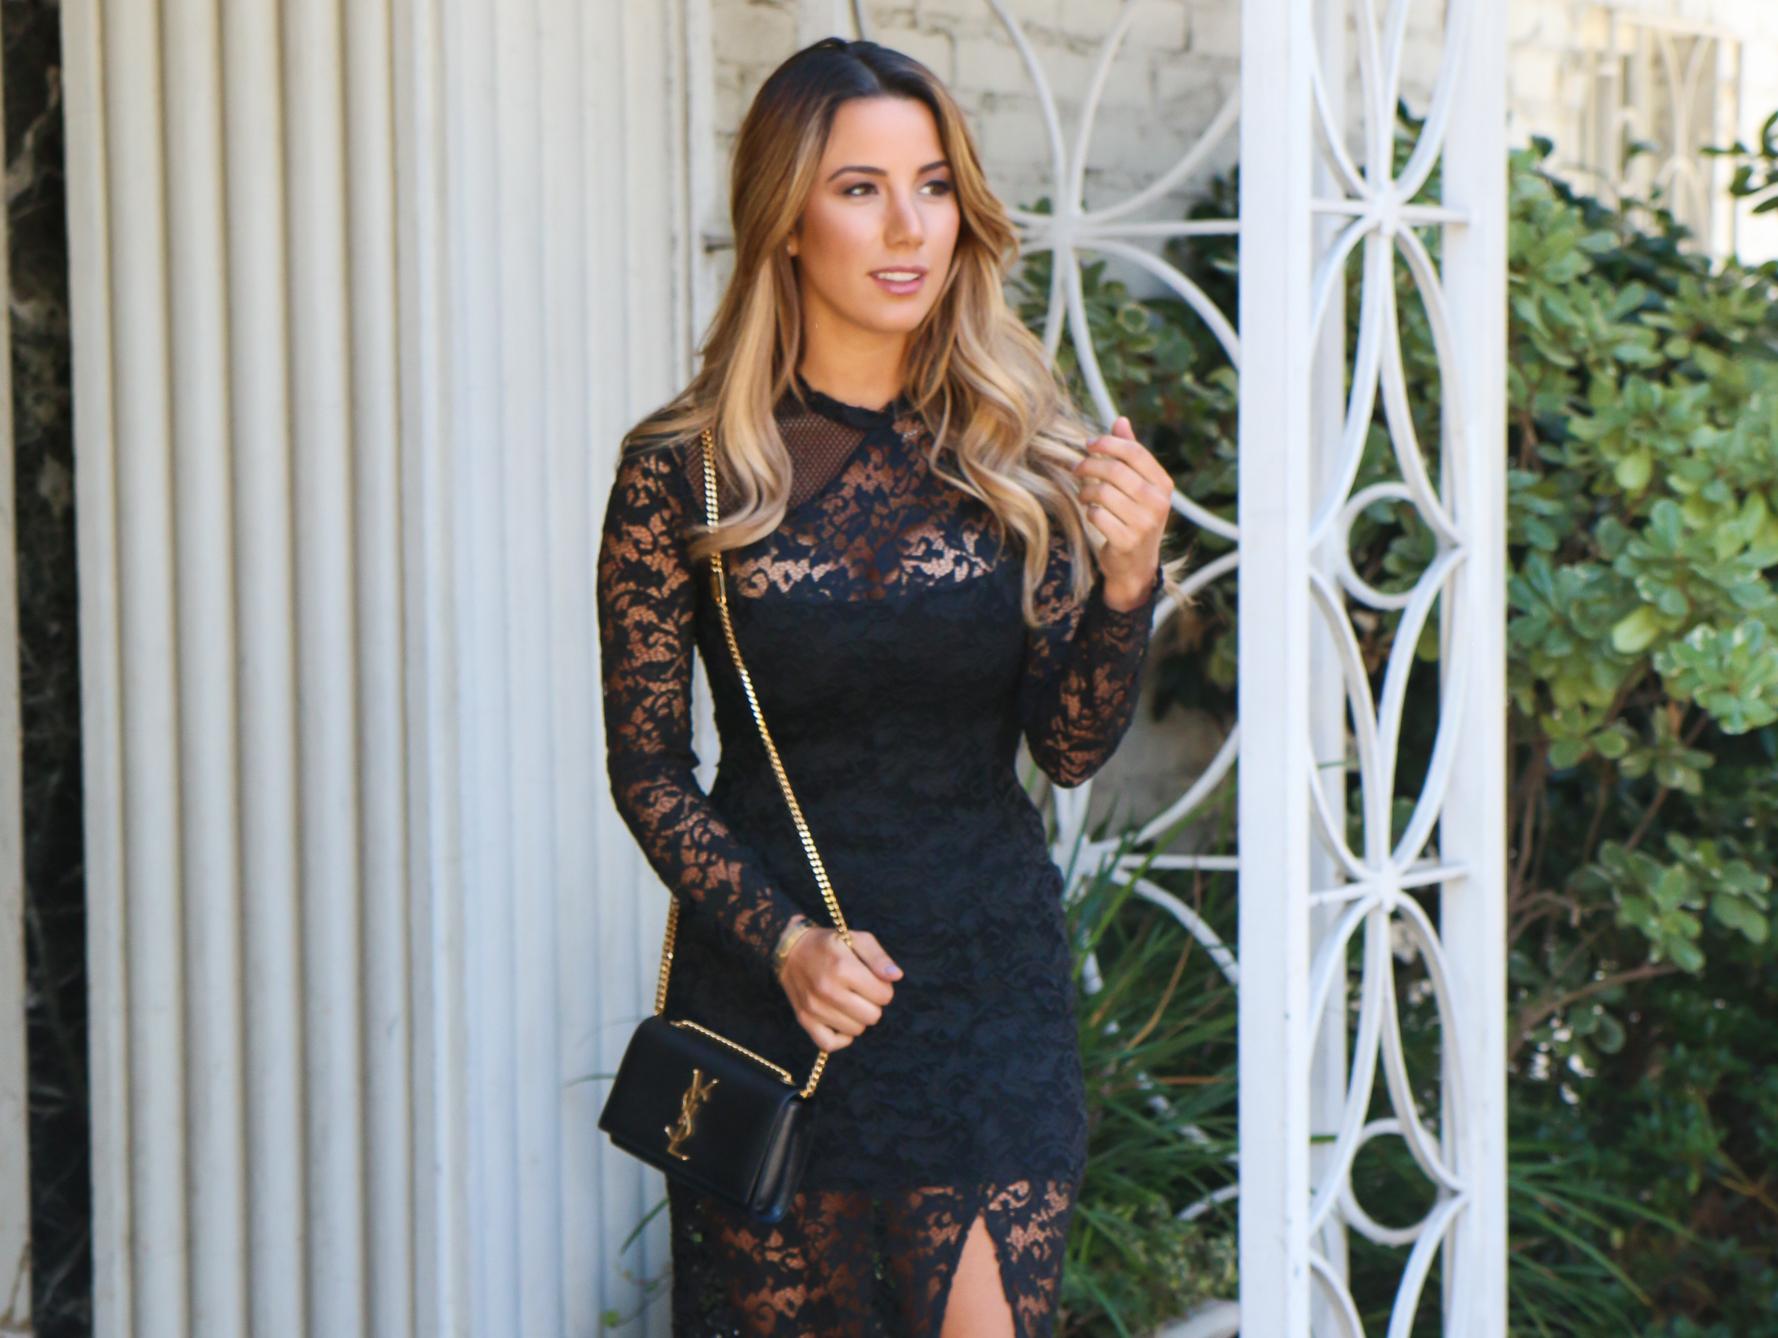 Czarna Sukienka Na Wesele Czy To Dobry Pomysł